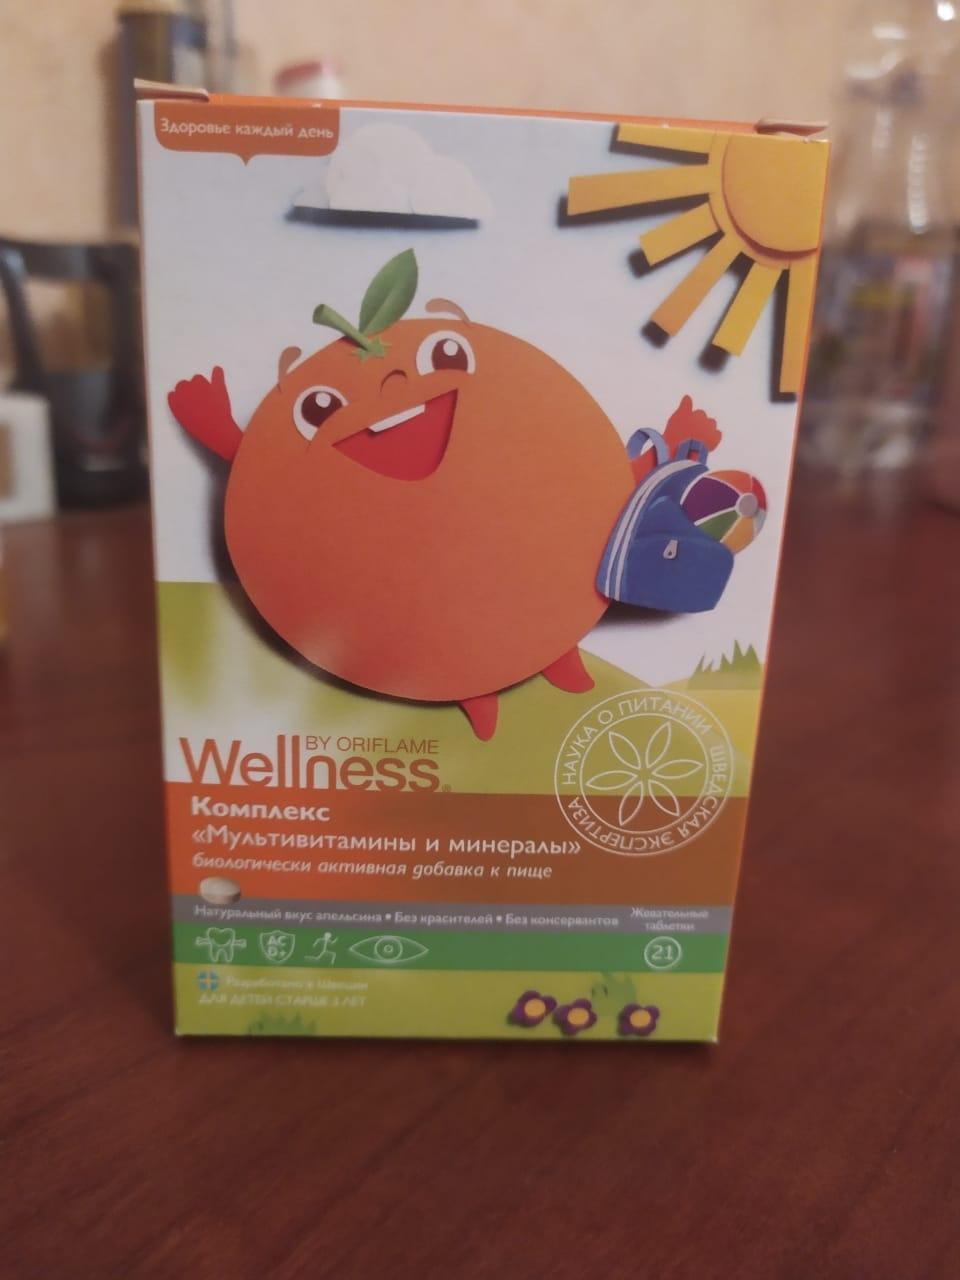 Комплекс «Мультивитамины и минералы» для детей Wel в Москве купить 1